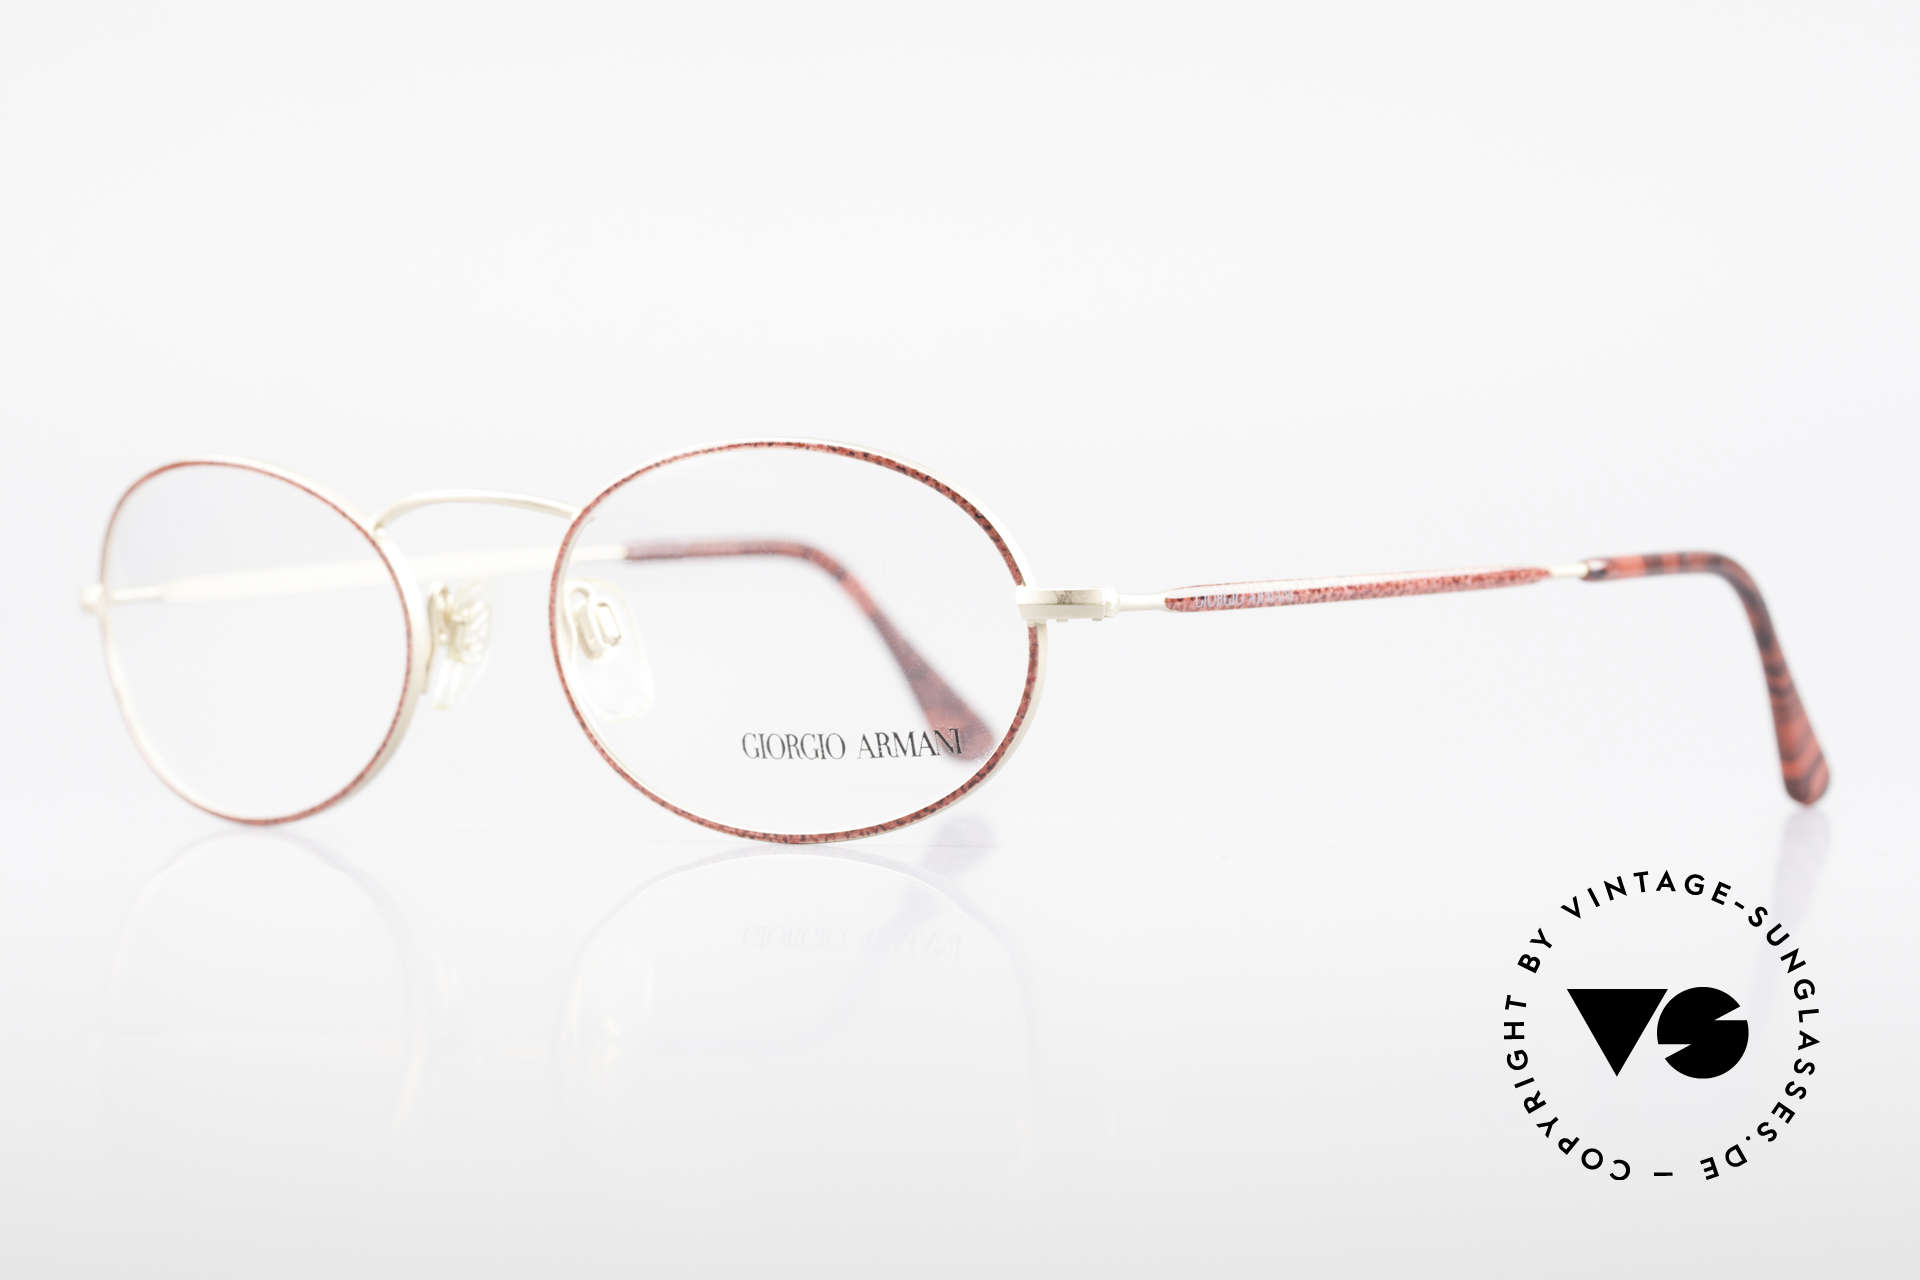 Giorgio Armani 125 Ovale 80er Vintage Fassung, dezenter, zeitloser Stil; passt gut zu fast jedem Look, Passend für Damen